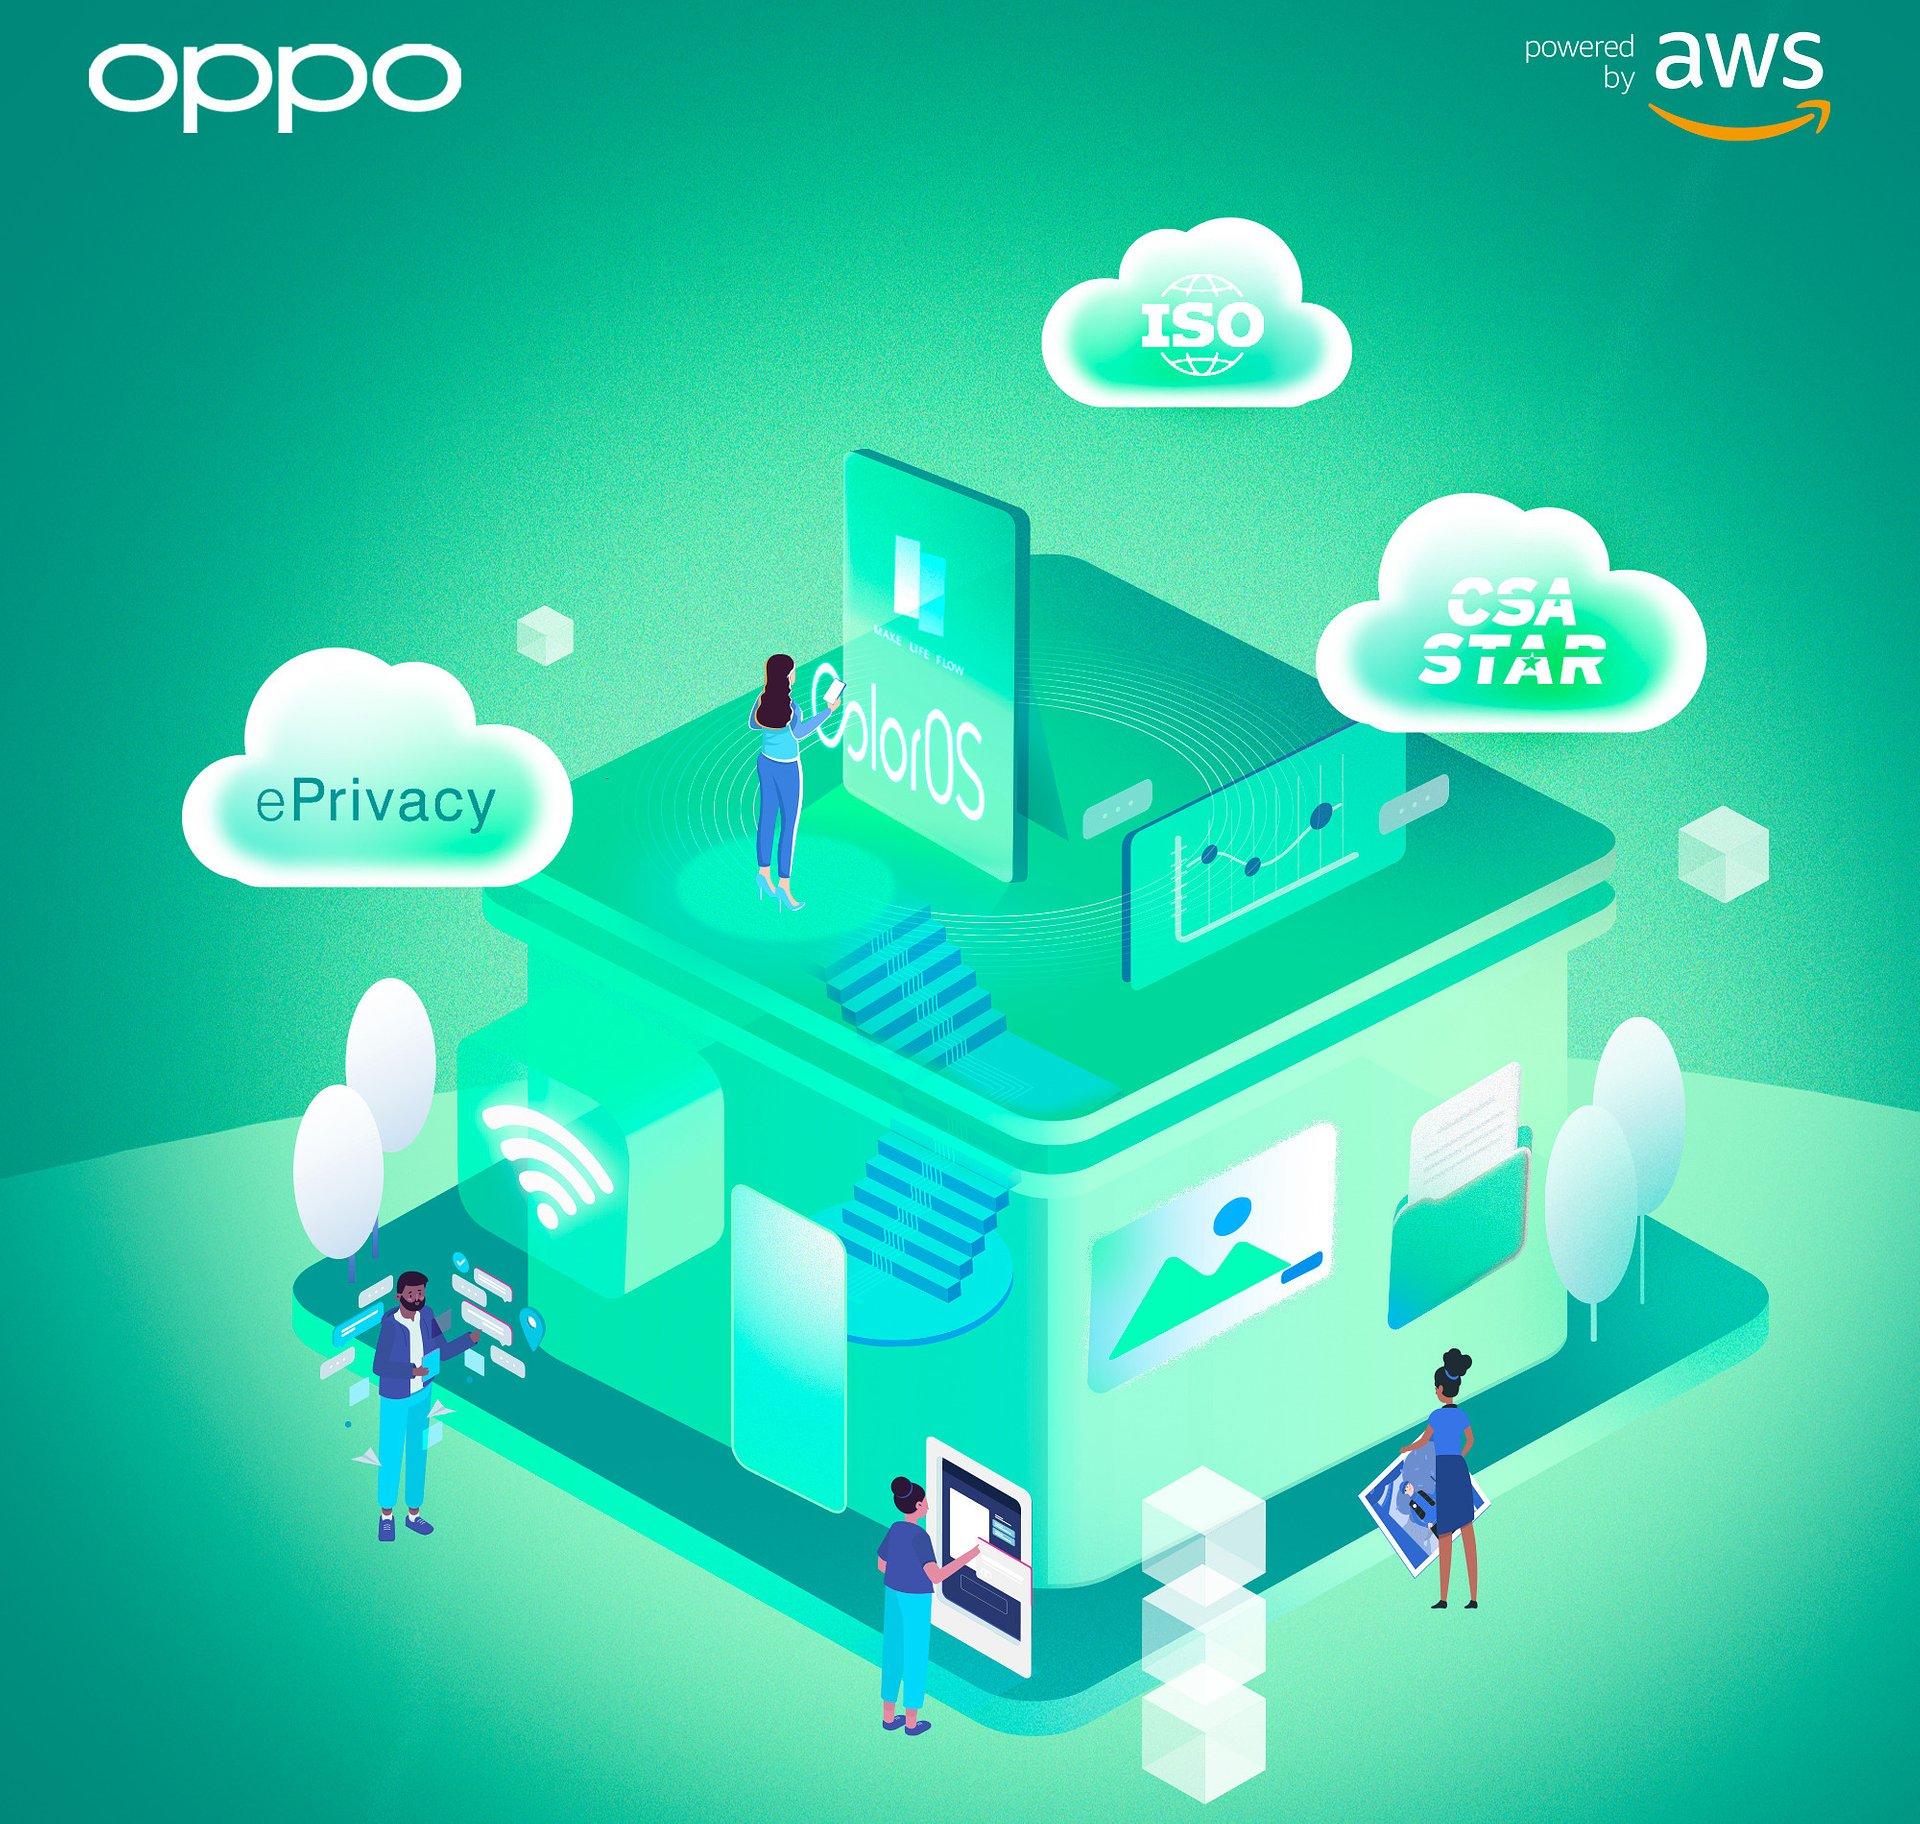 OPPO stawia na Amazon Web Services w trosce o bezpieczeństwo użytkowników